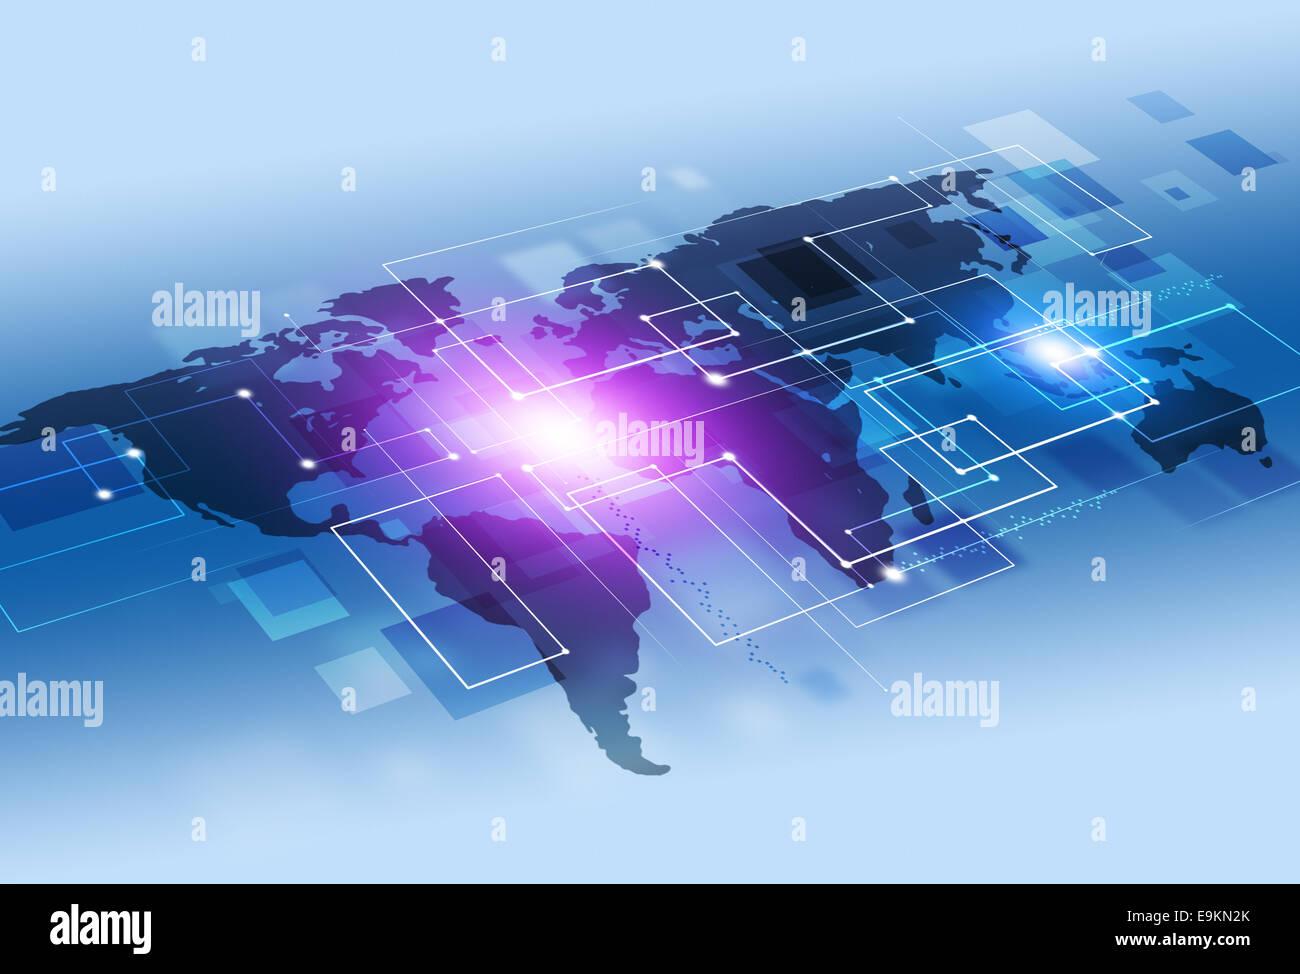 La tecnología de conexiones abstractas y antecedentes de comunicación empresarial Imagen De Stock